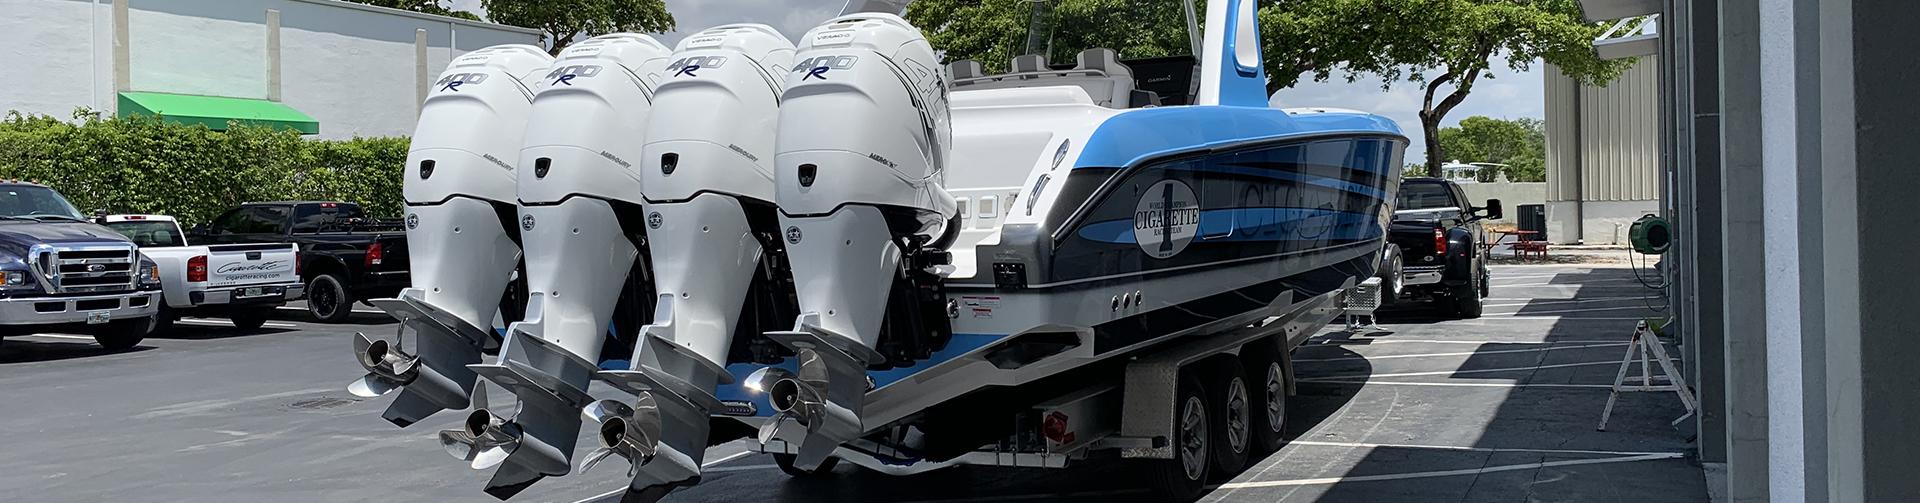 Mississippi Boat Transport